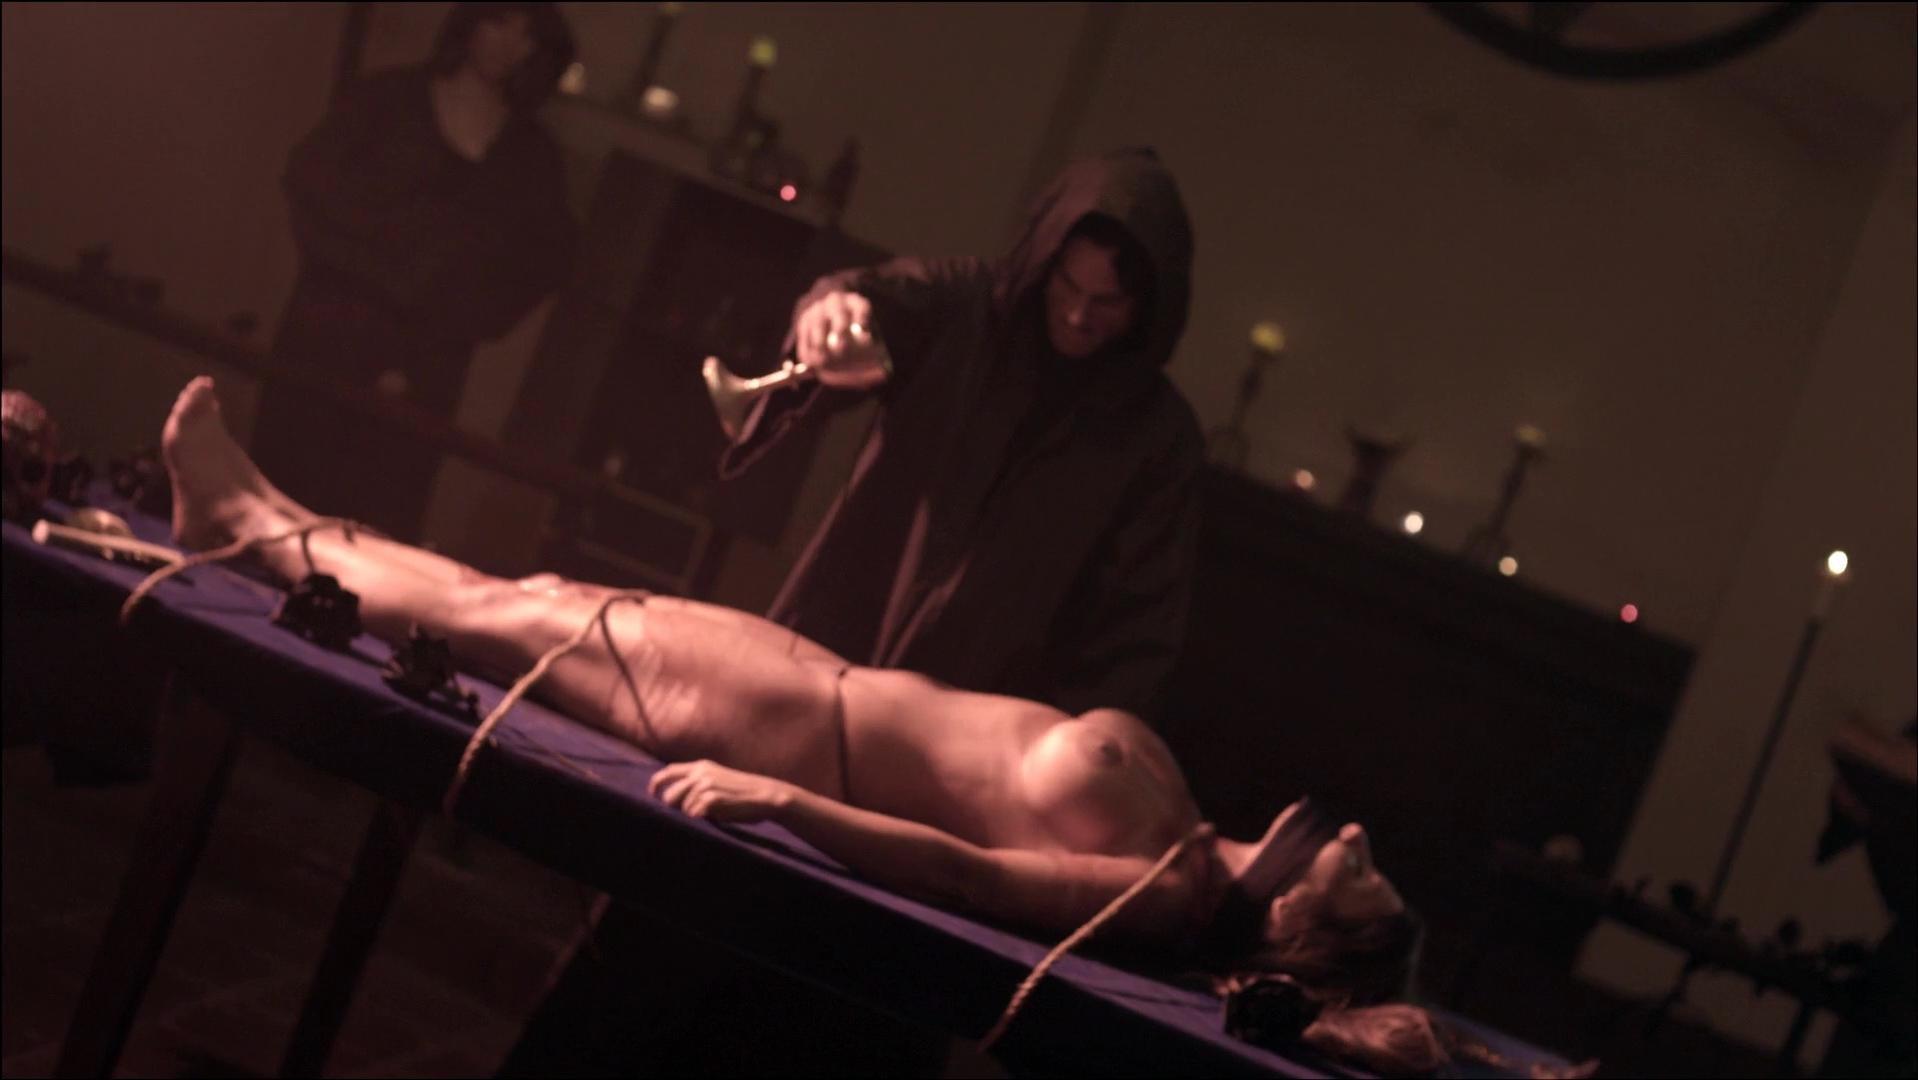 Sara Malakul Lane nude - 12-12-12 (2012)